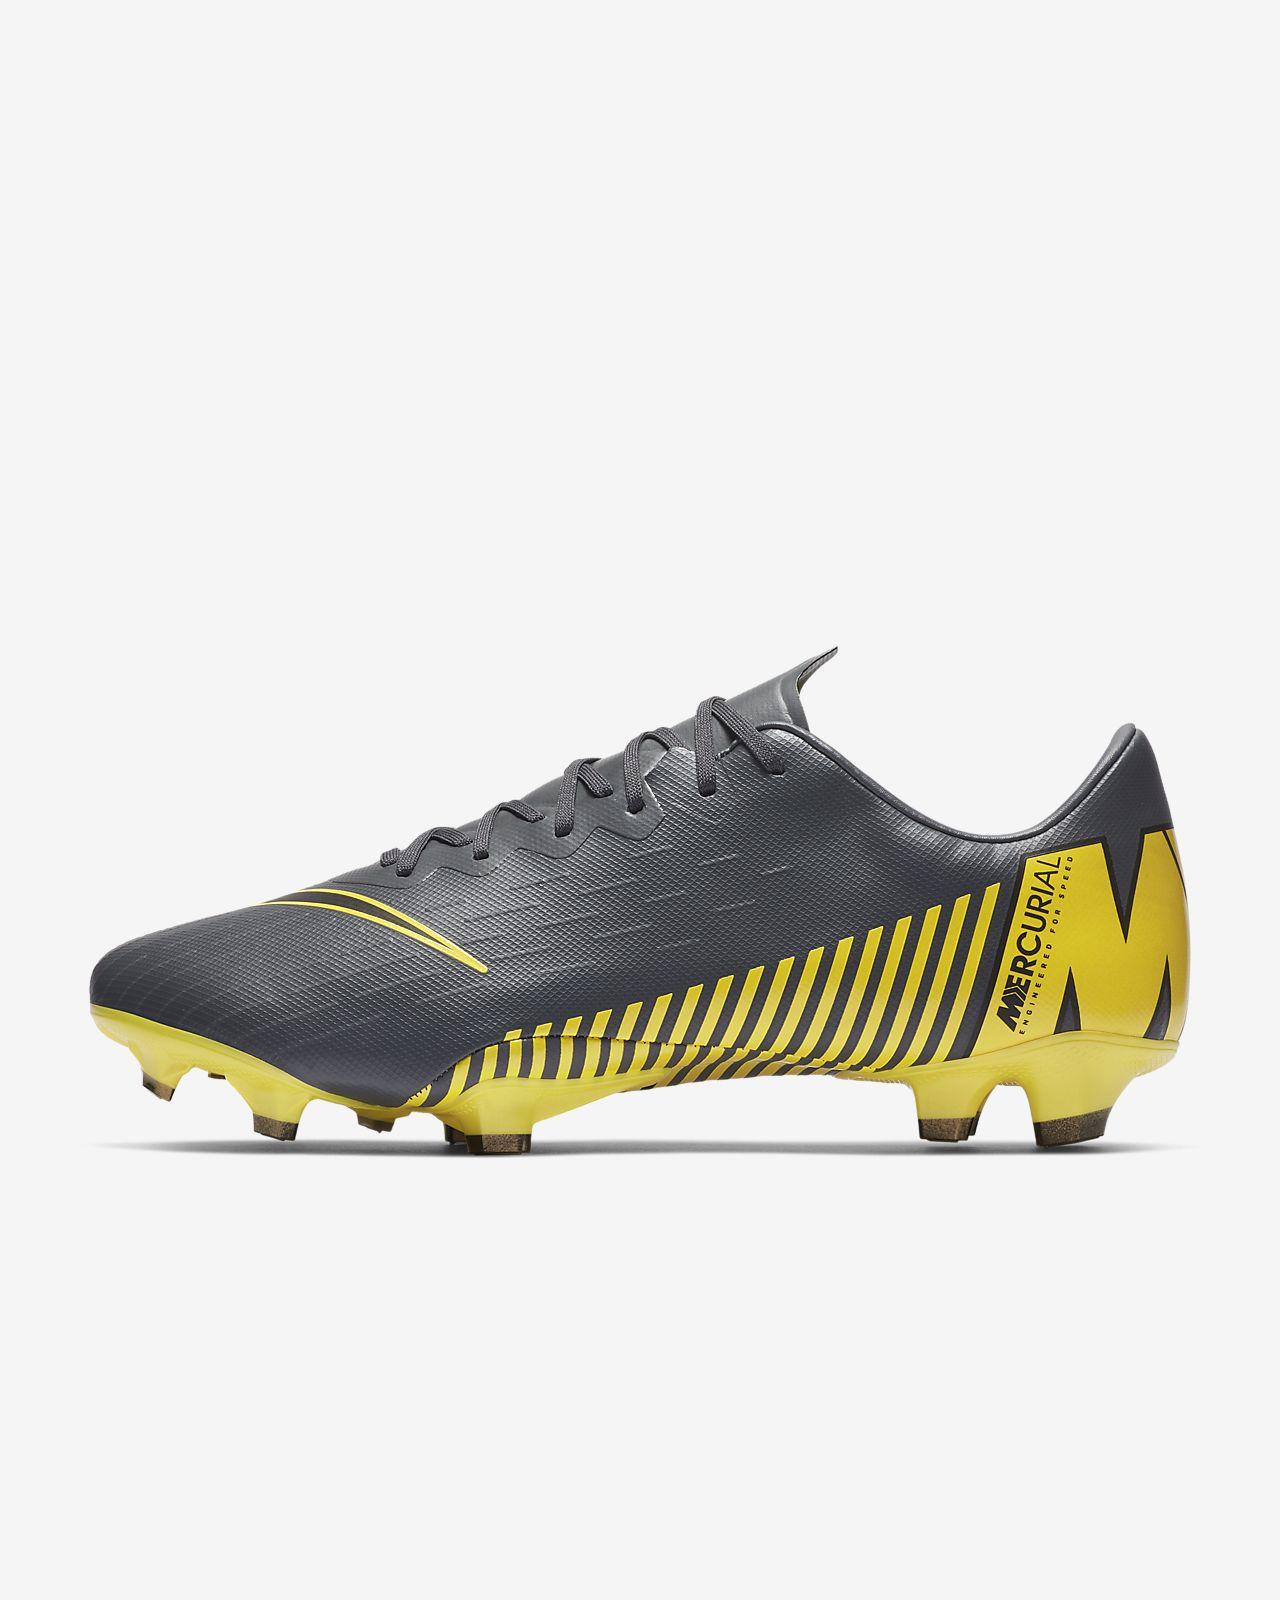 0b677971b3ec Nike Vapor 12 Pro FG Game Over Firm-Ground Football Boot. Nike.com PT